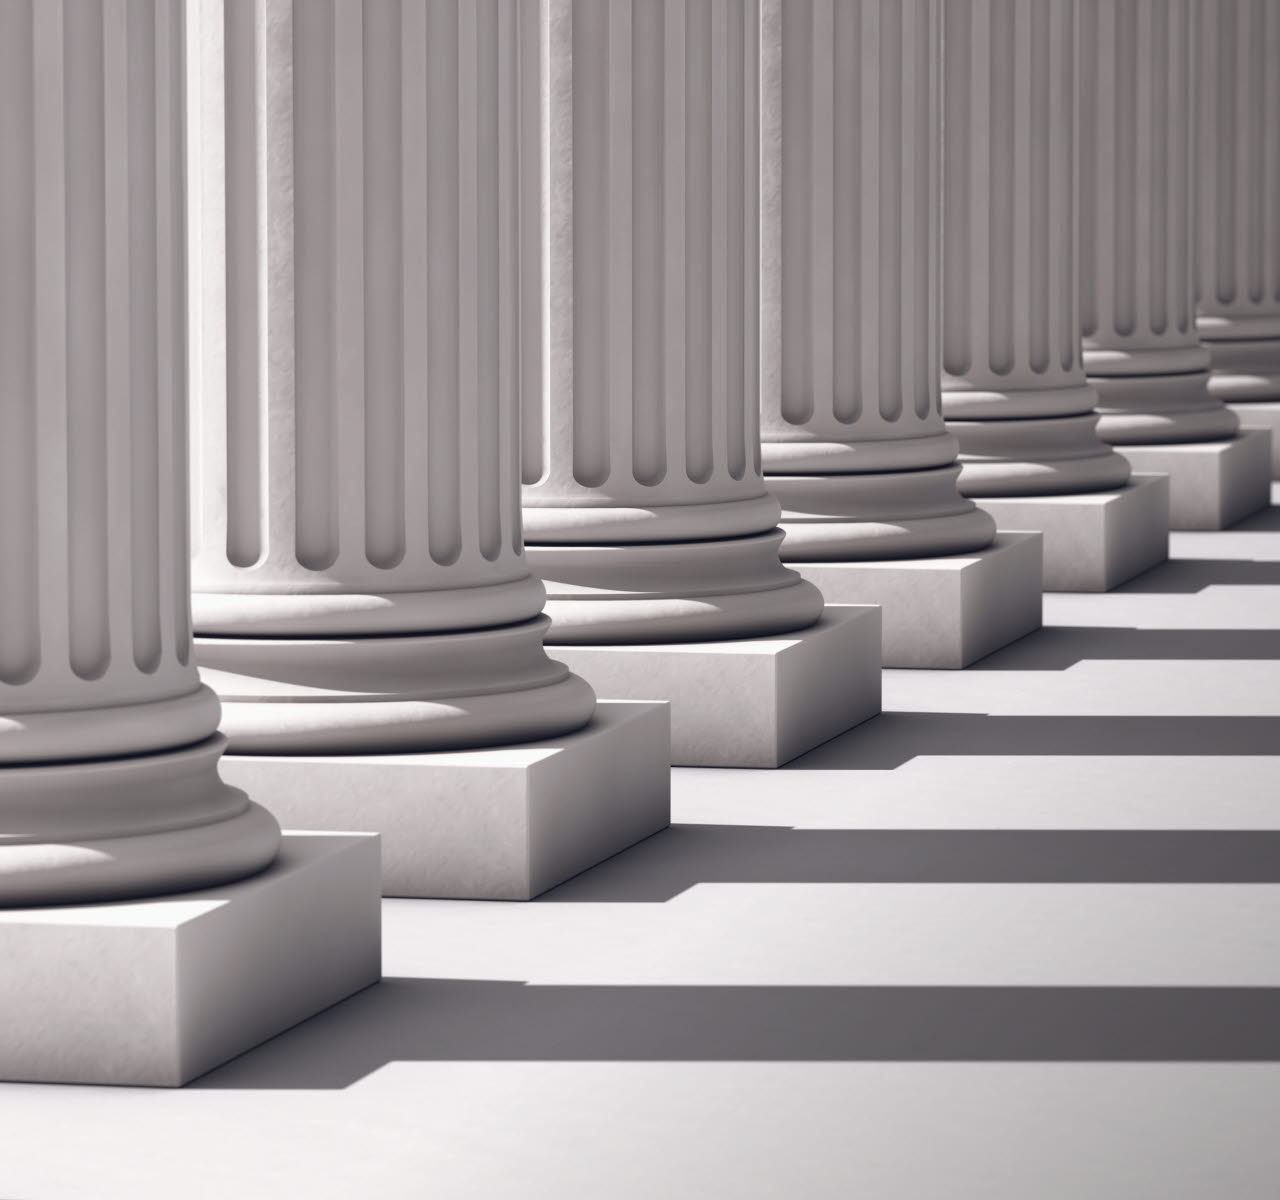 Pillars-Assessment-Shutterstock